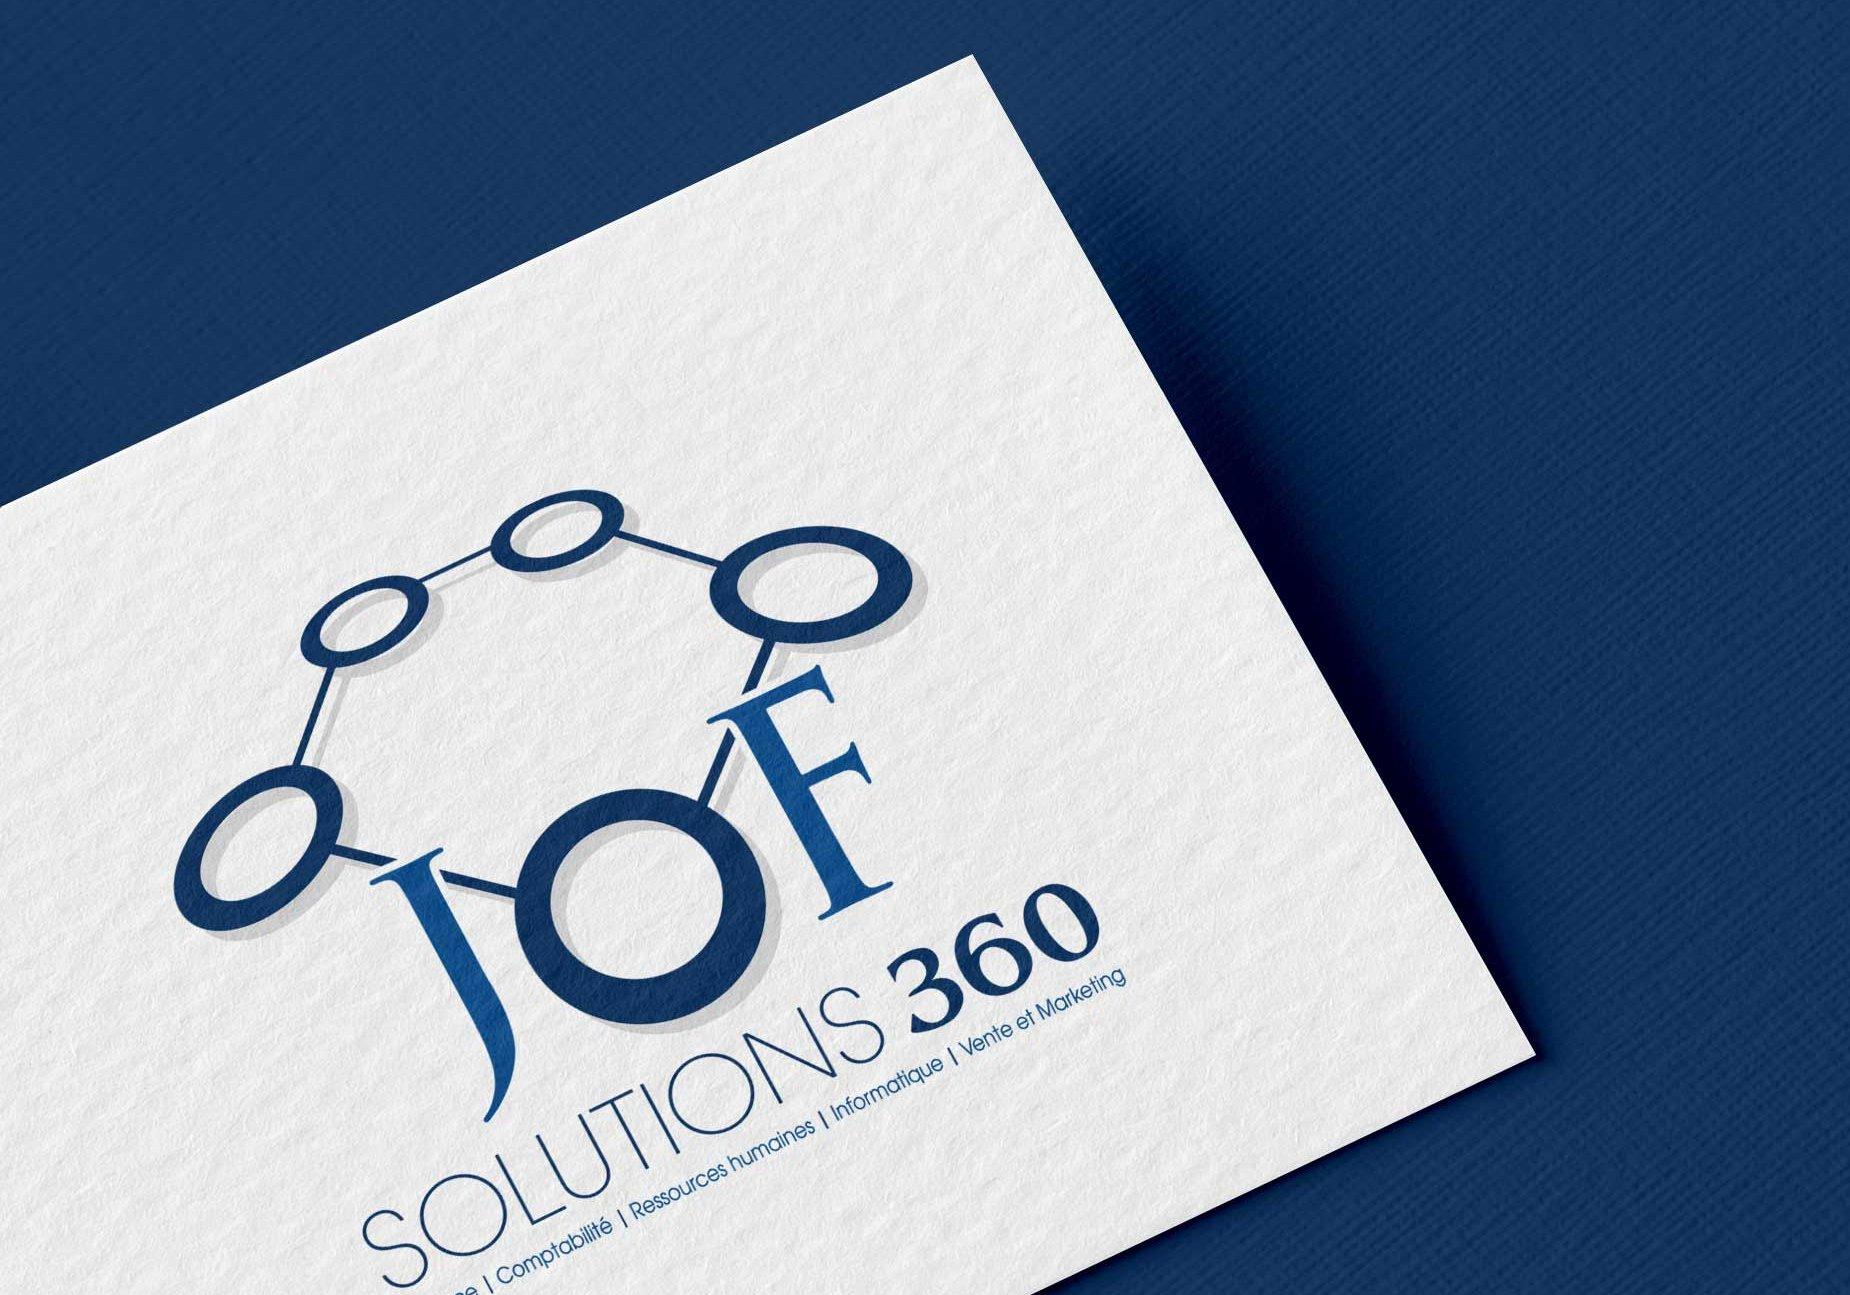 Conception graphique du logo de JOF Solutions 360